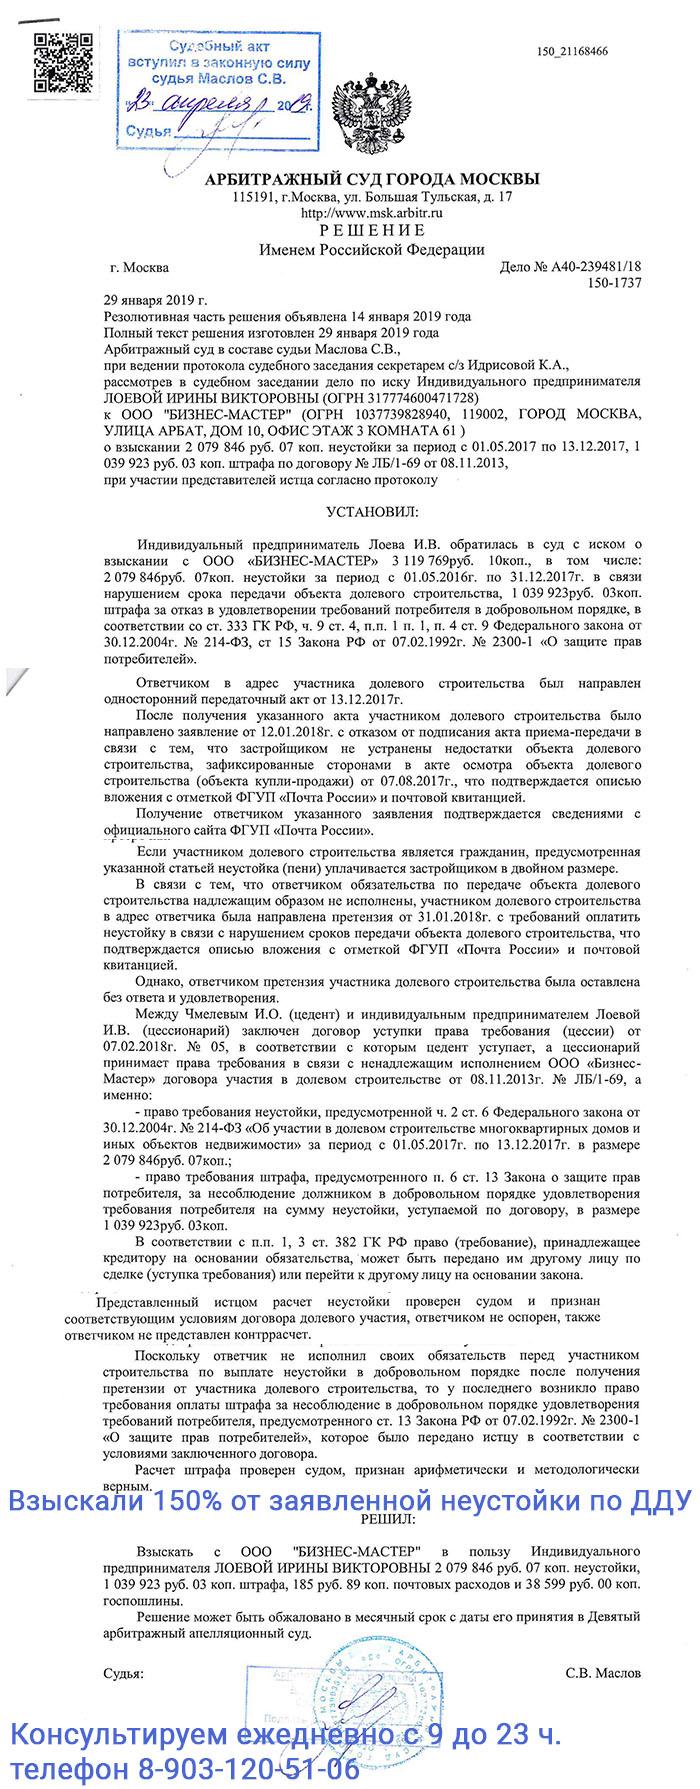 Взыскали 150 процентов неустойки и штрафа по договору долевого участия через арбитражный суд города Москвы